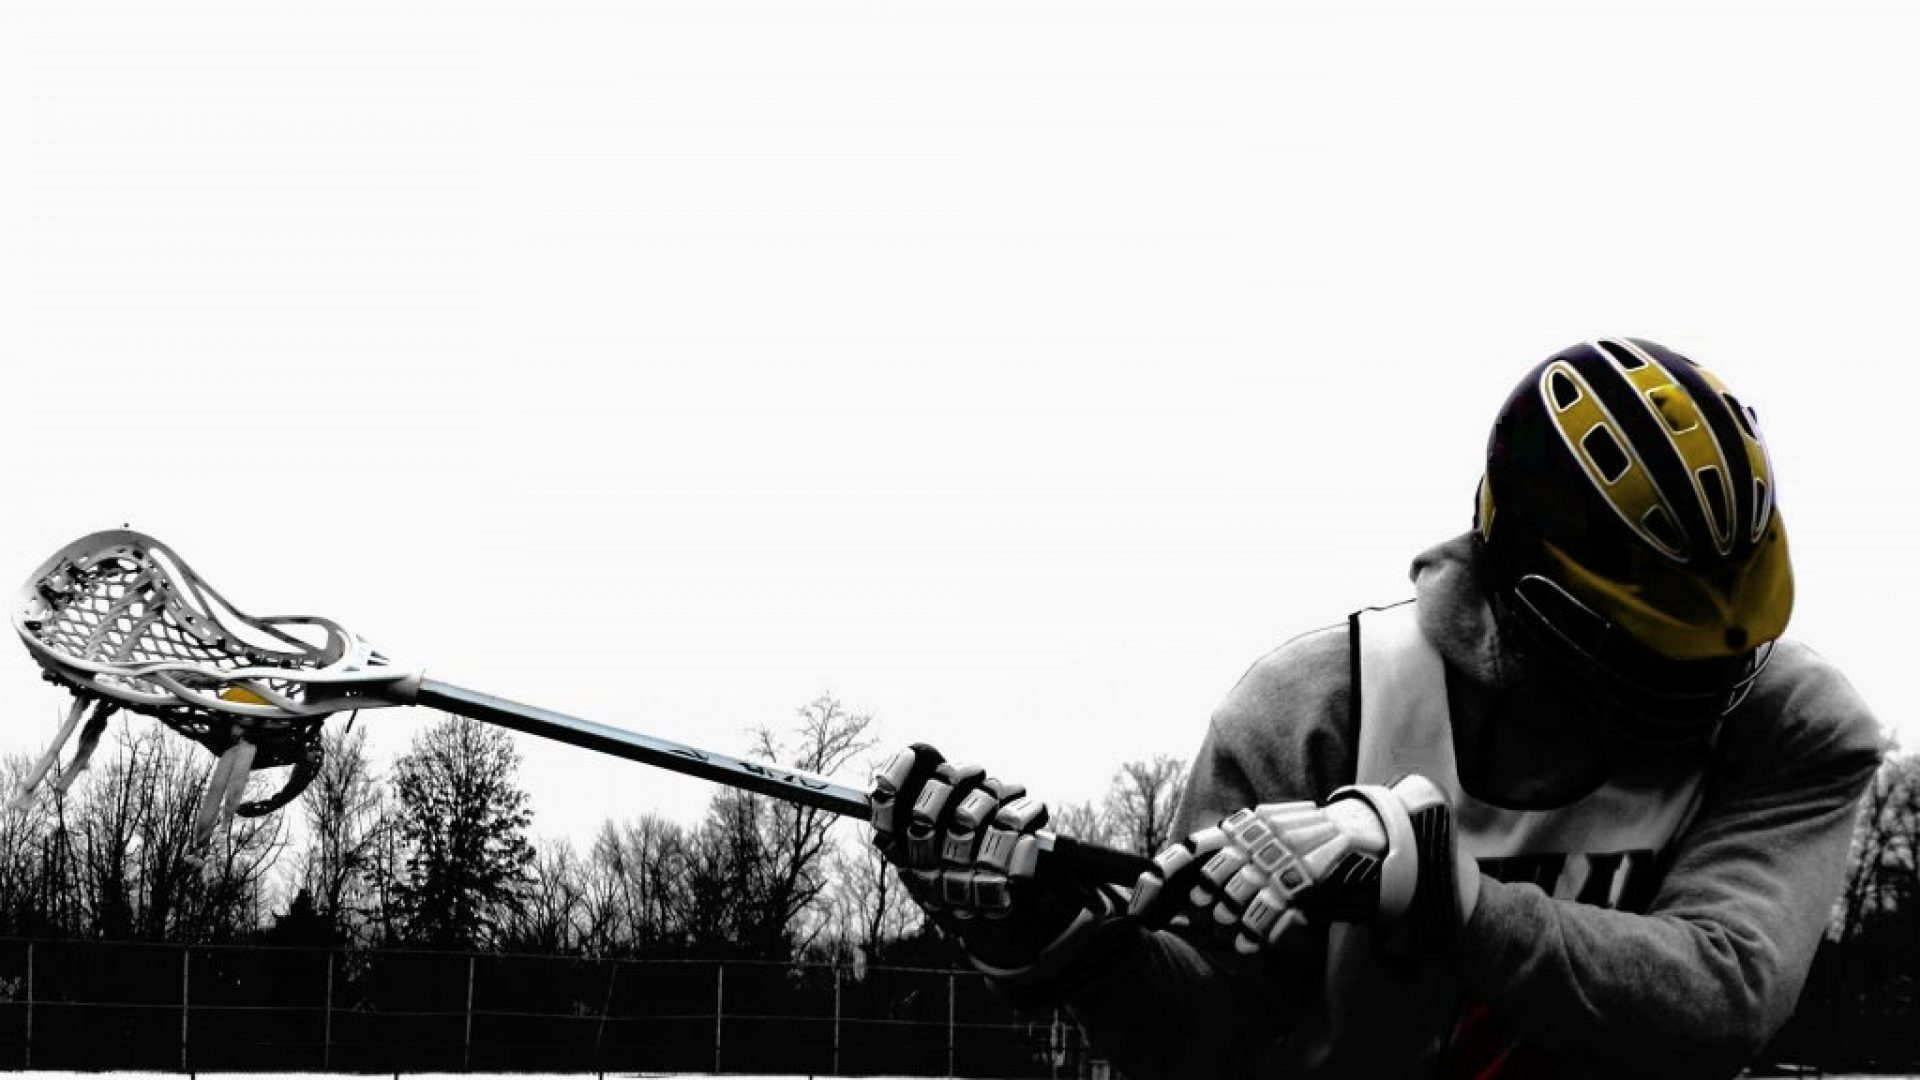 Nürnberg Lacrosse